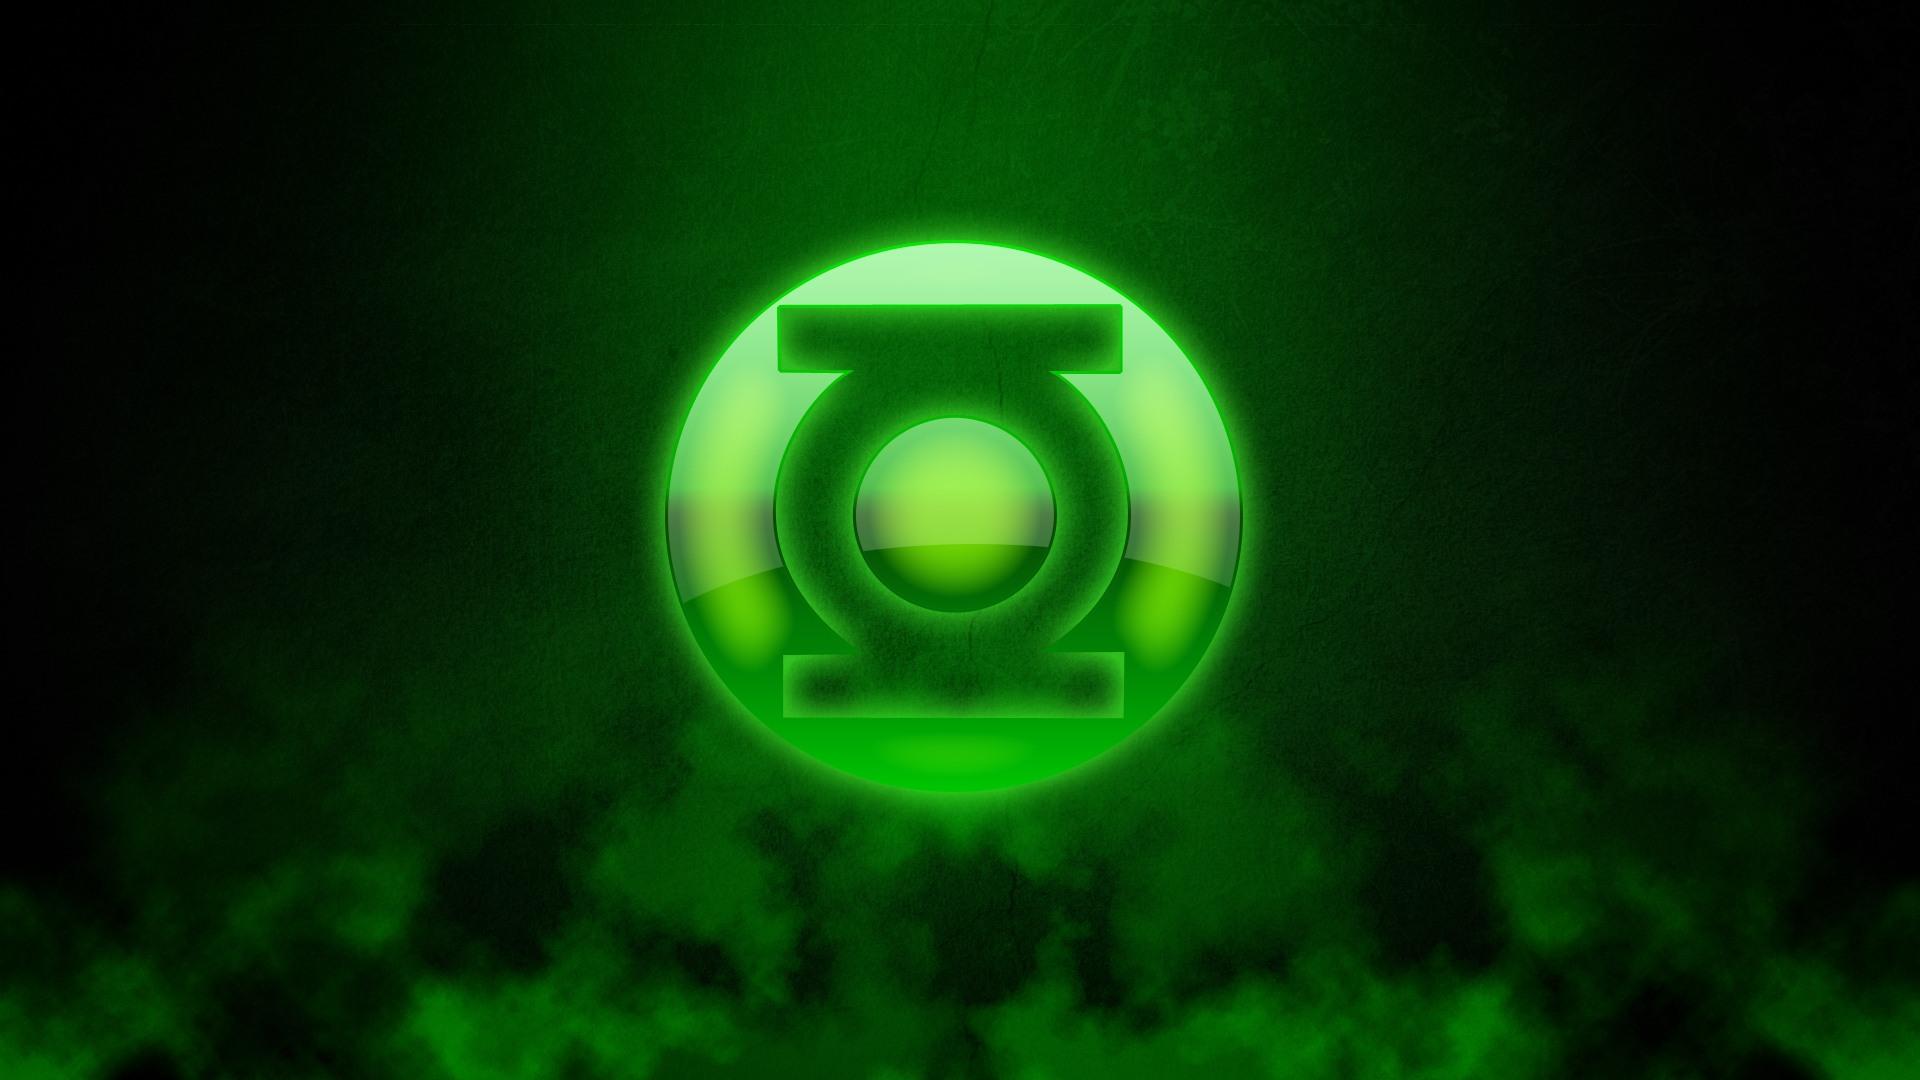 Green Lantern Logo desktop wallpaper 1920x1080